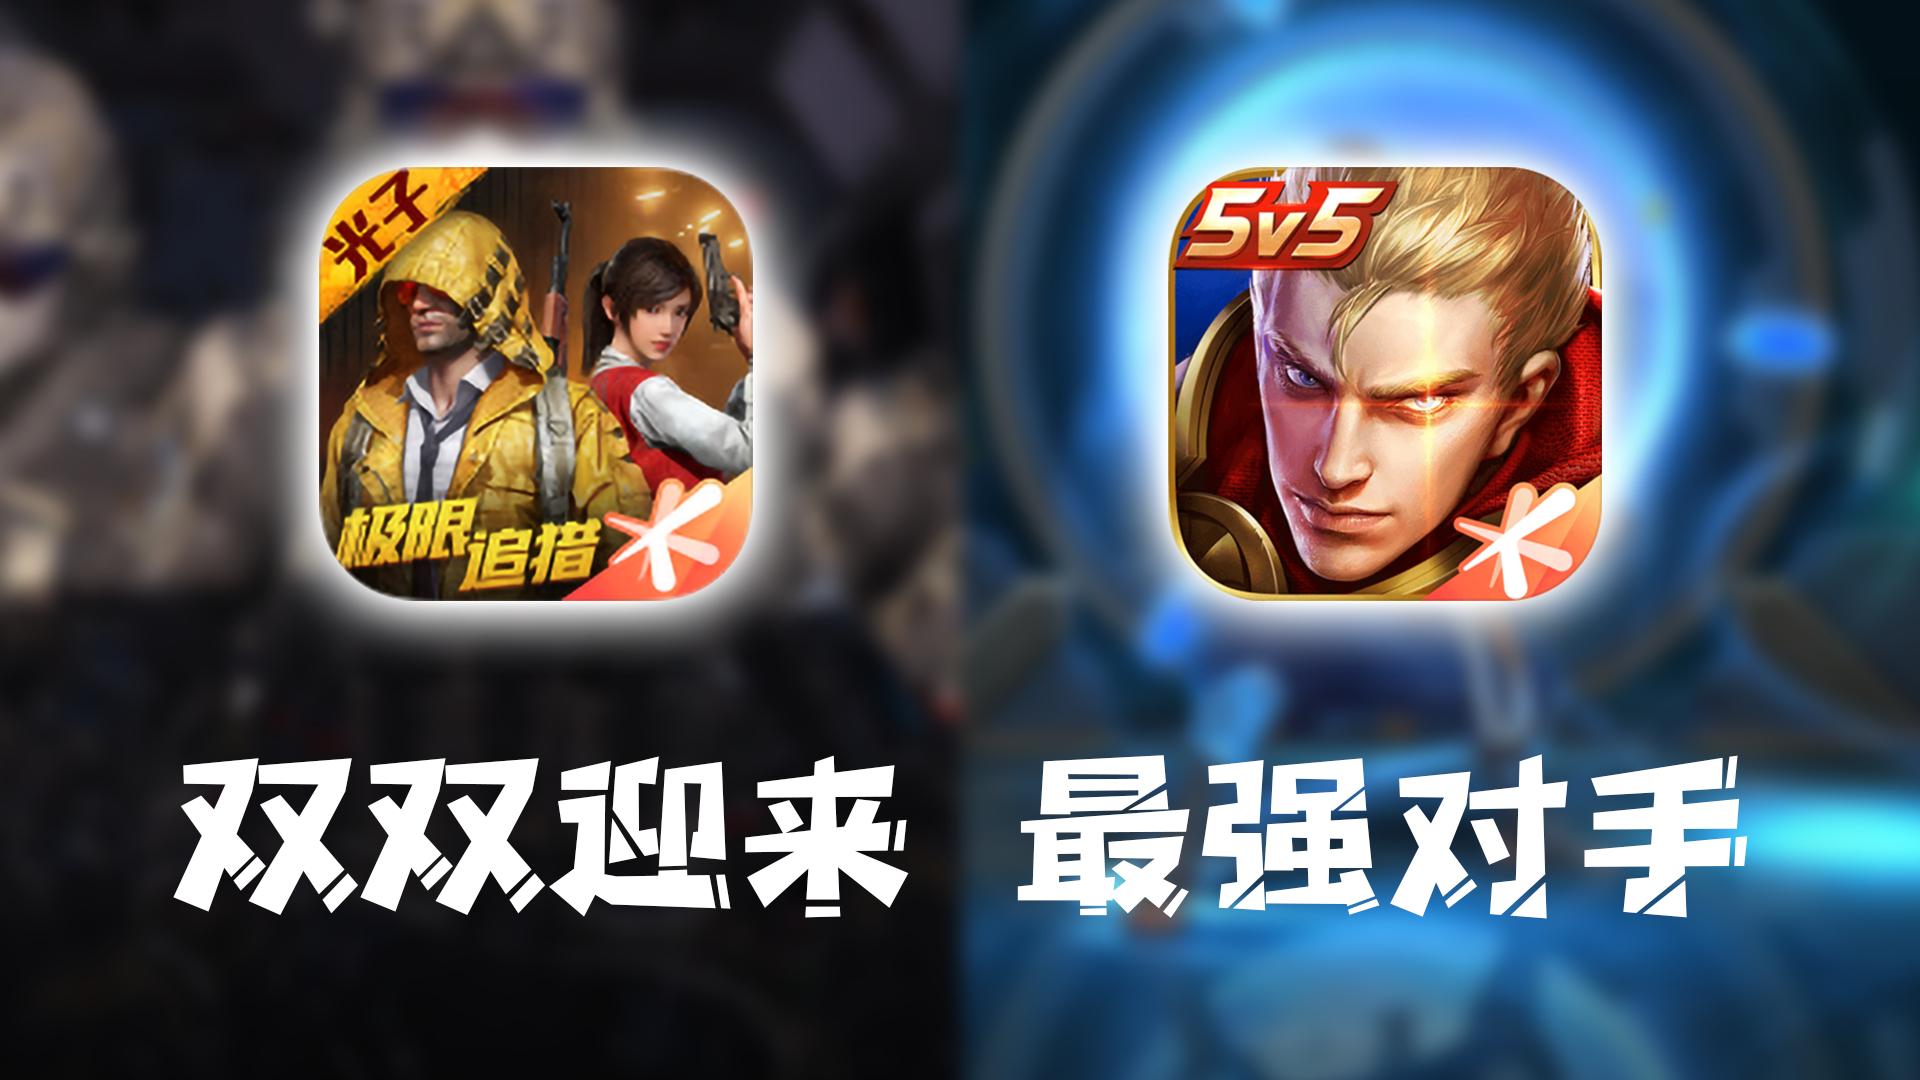 「和平精英」与「王者荣耀」双双迎来史上最强对手!